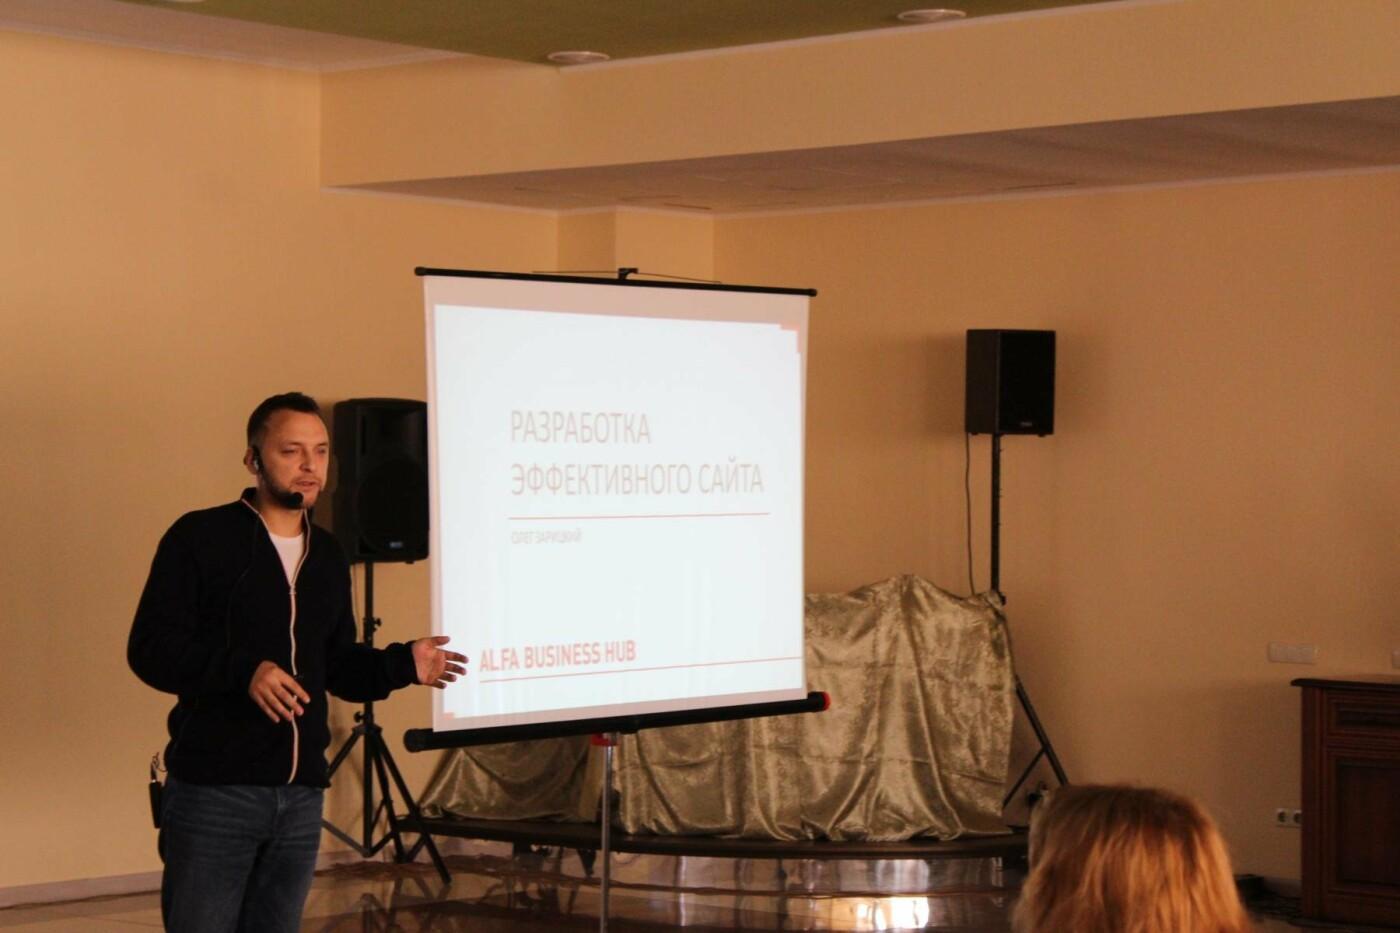 Alfa Business Hub: в Запорожье предпринимателям рассказали об эффективных бизнес-лайфхаках, фото-1